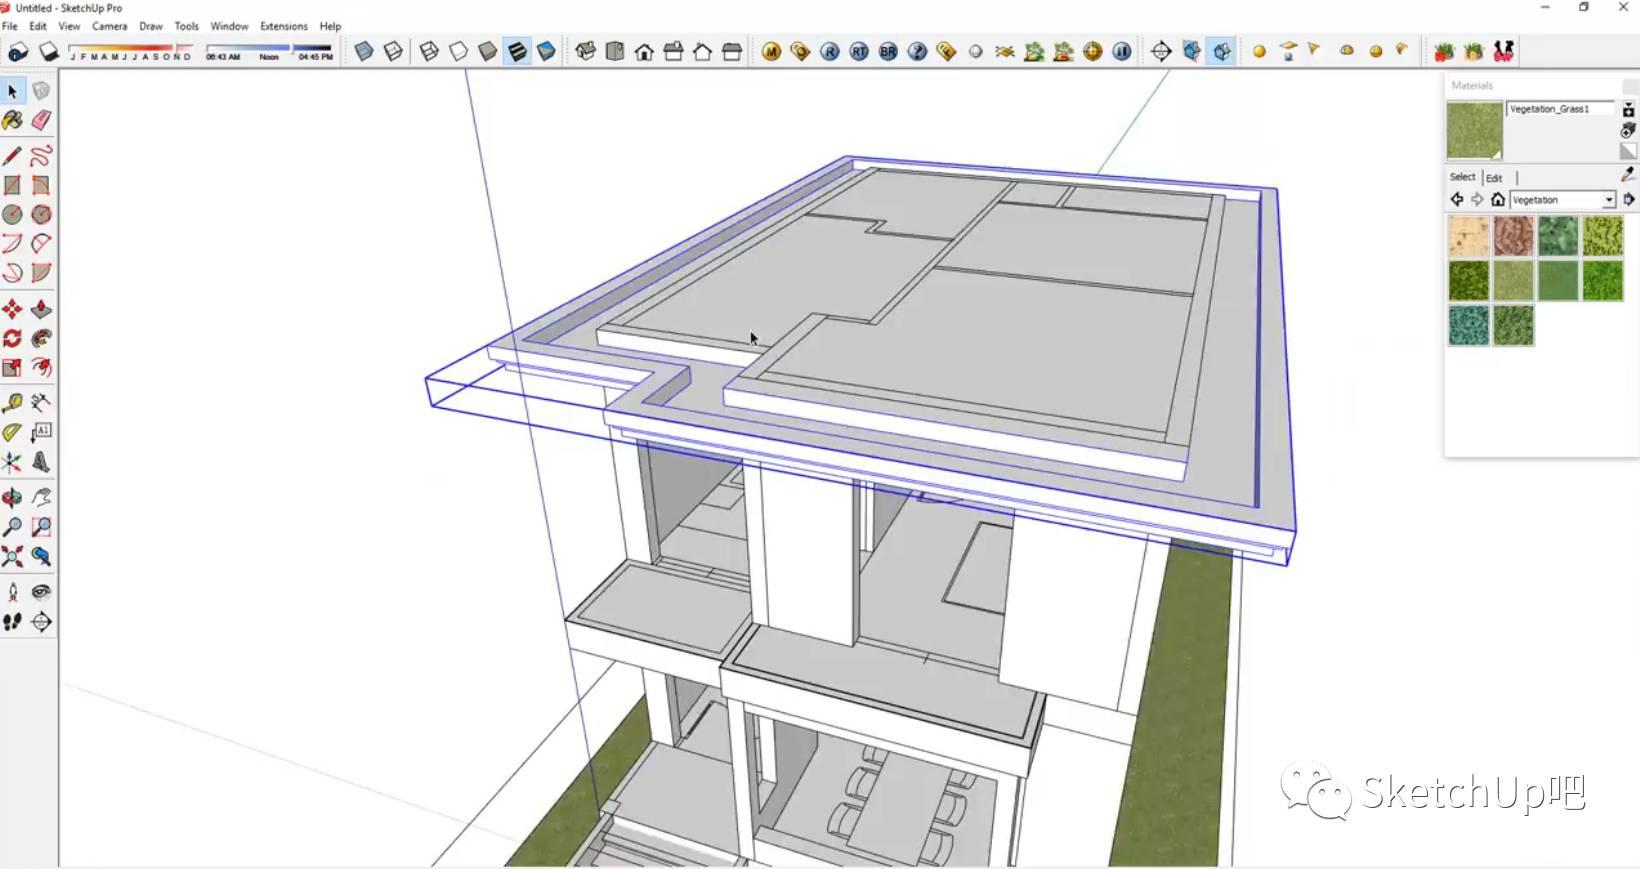 13分钟sketchup房屋完整建模v房屋教程upx教程图片